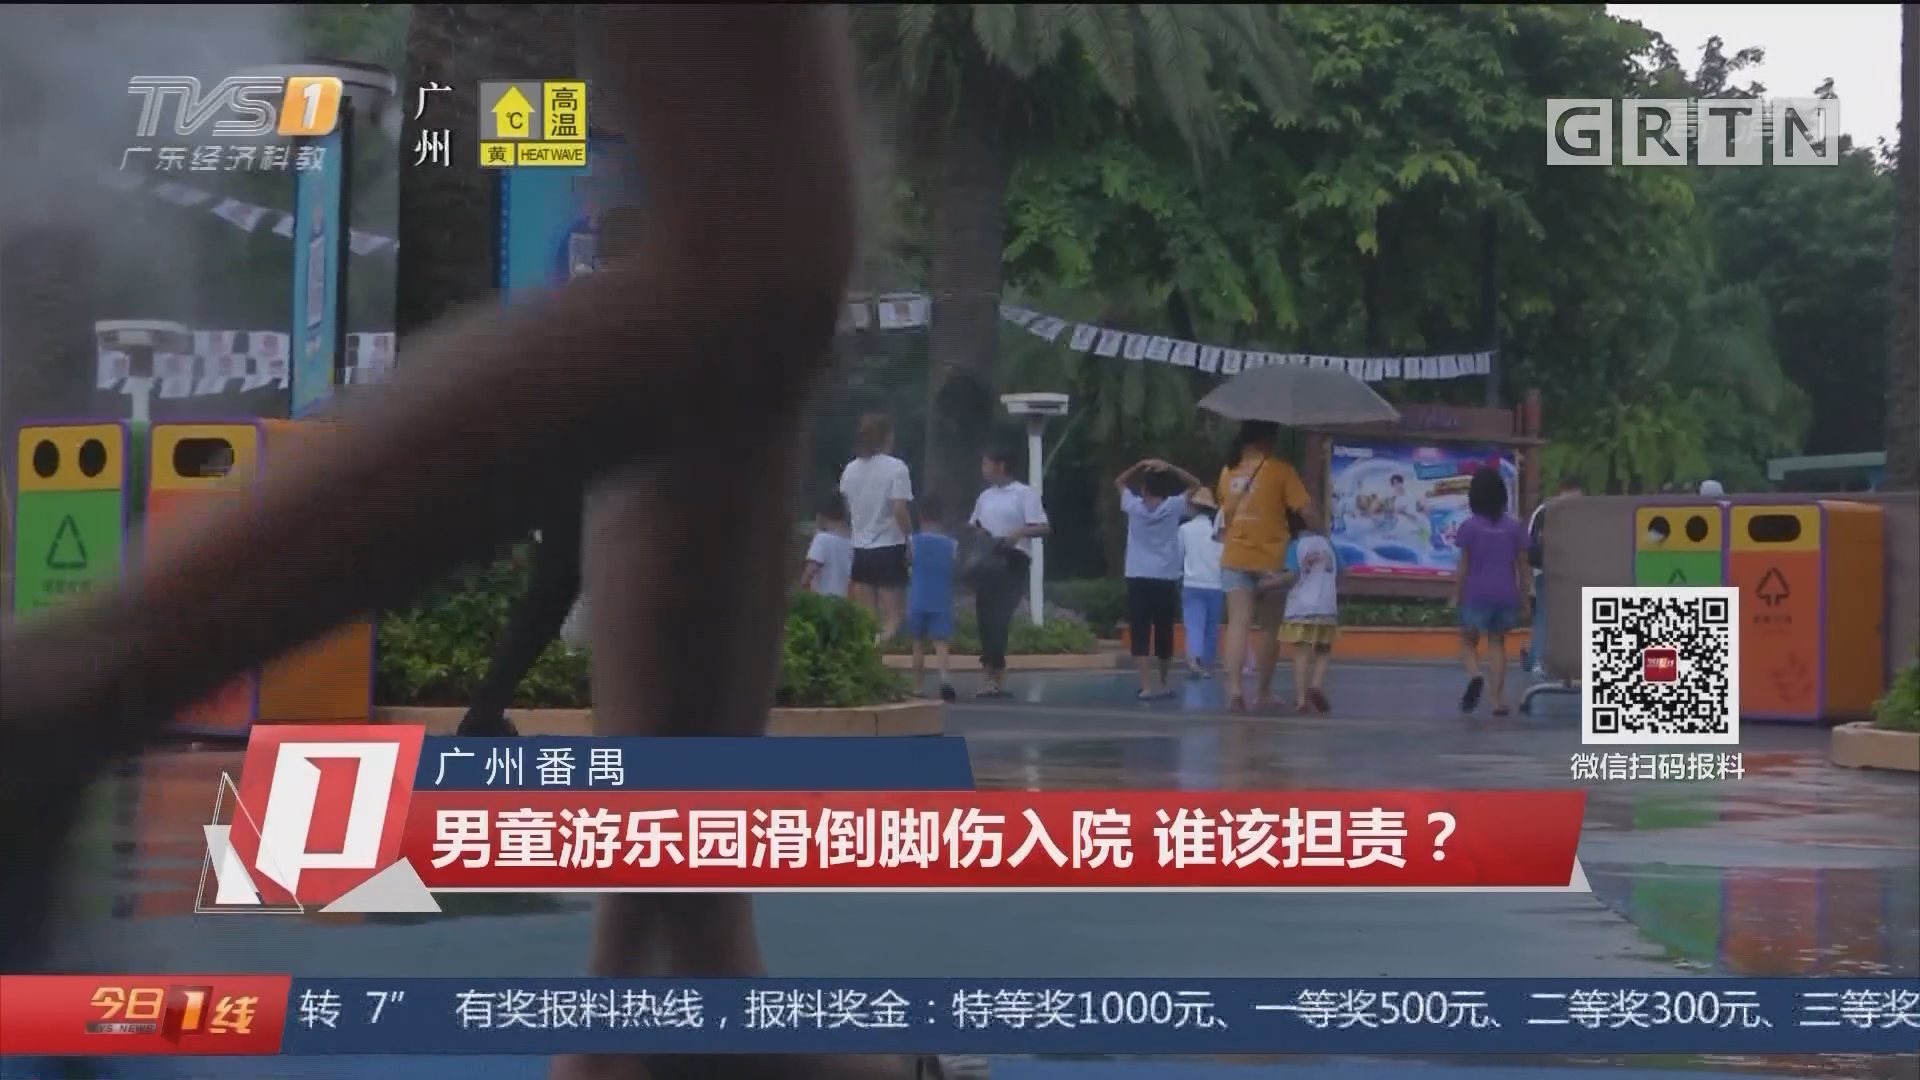 广东番禺:男童游乐园滑倒脚伤入院 谁该担责?